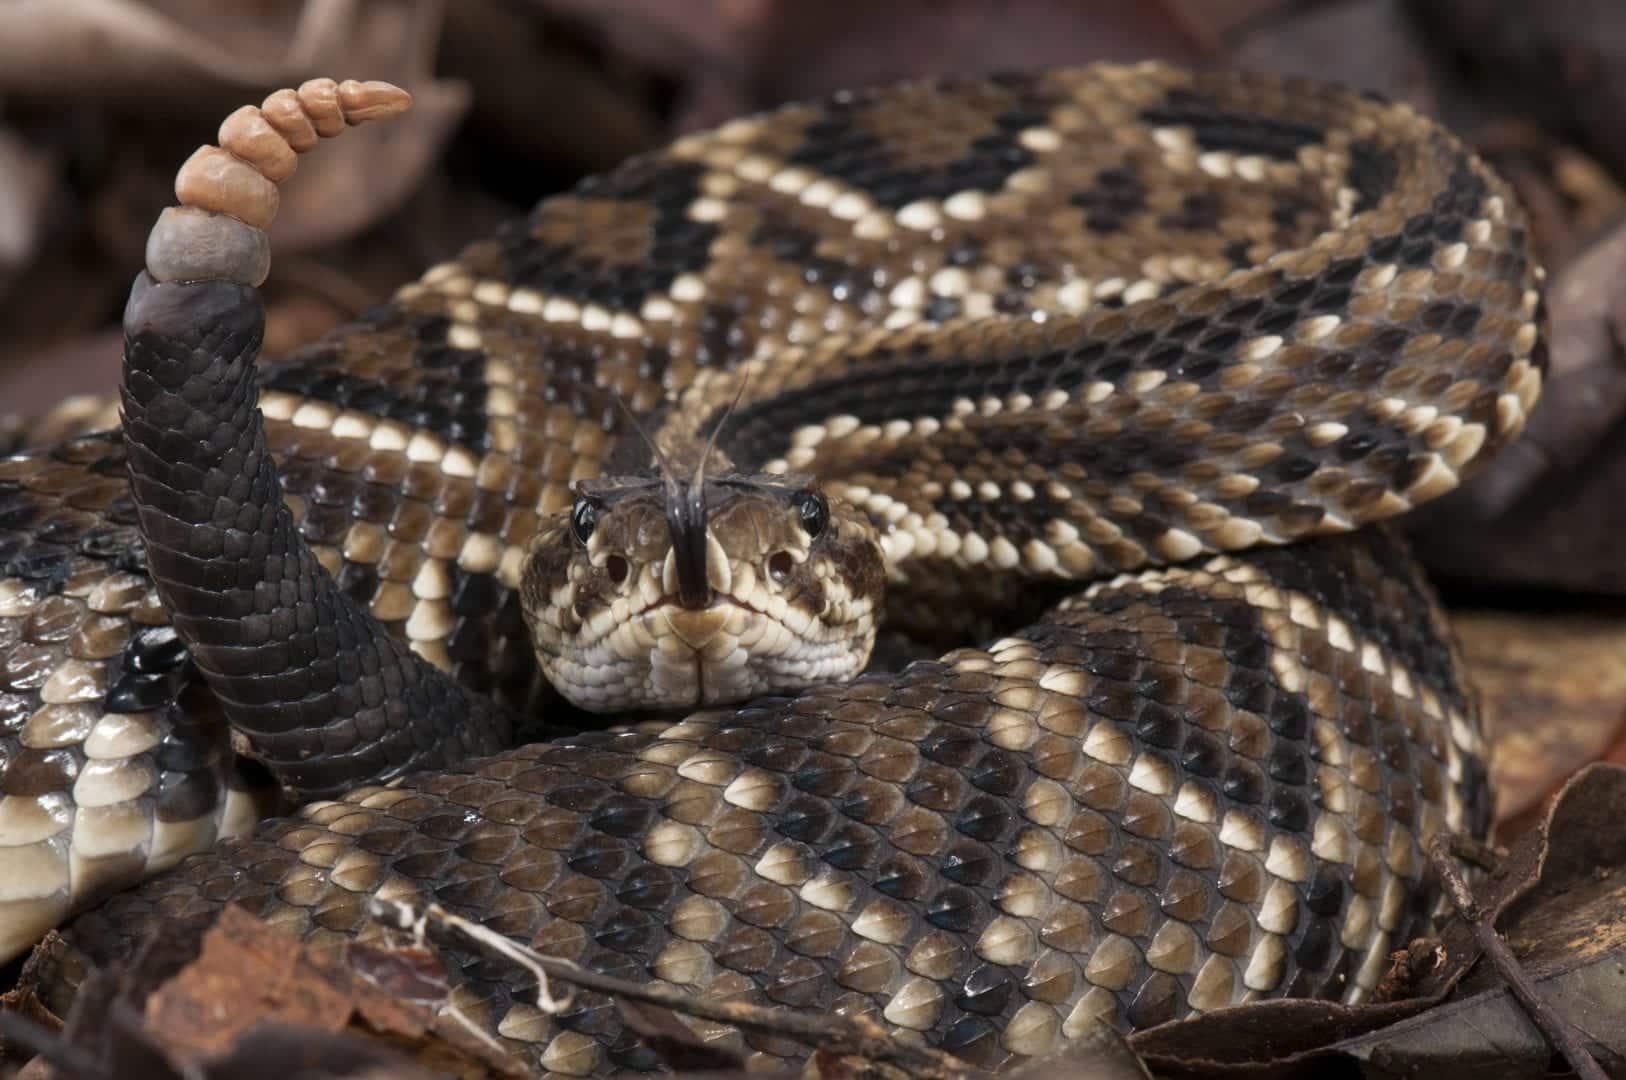 Afinal, qual é a cobra mais venenosa do mundo? E do Brasil?